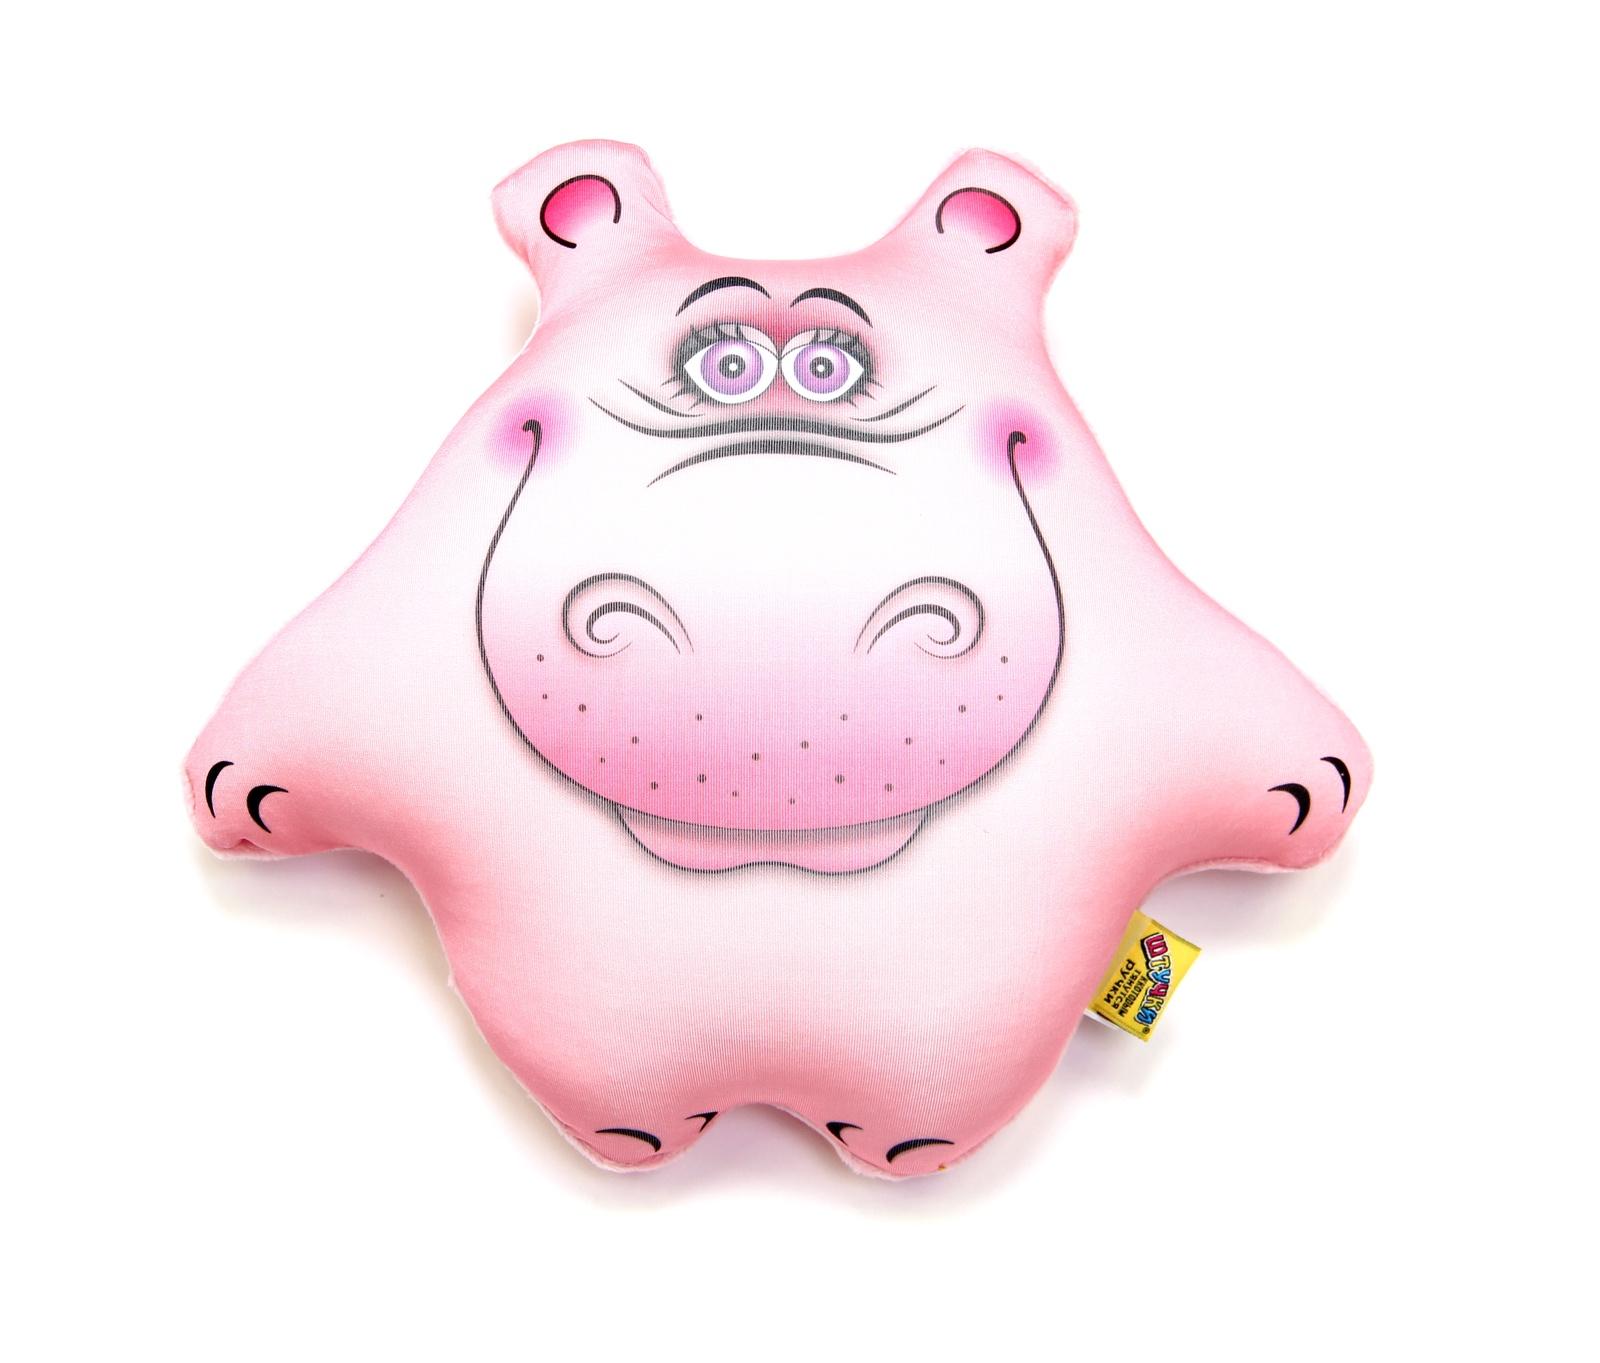 Штучки, к которым тянутся ручки Подушка-игрушка антистрессовая Бегемот Боня цвет розовый